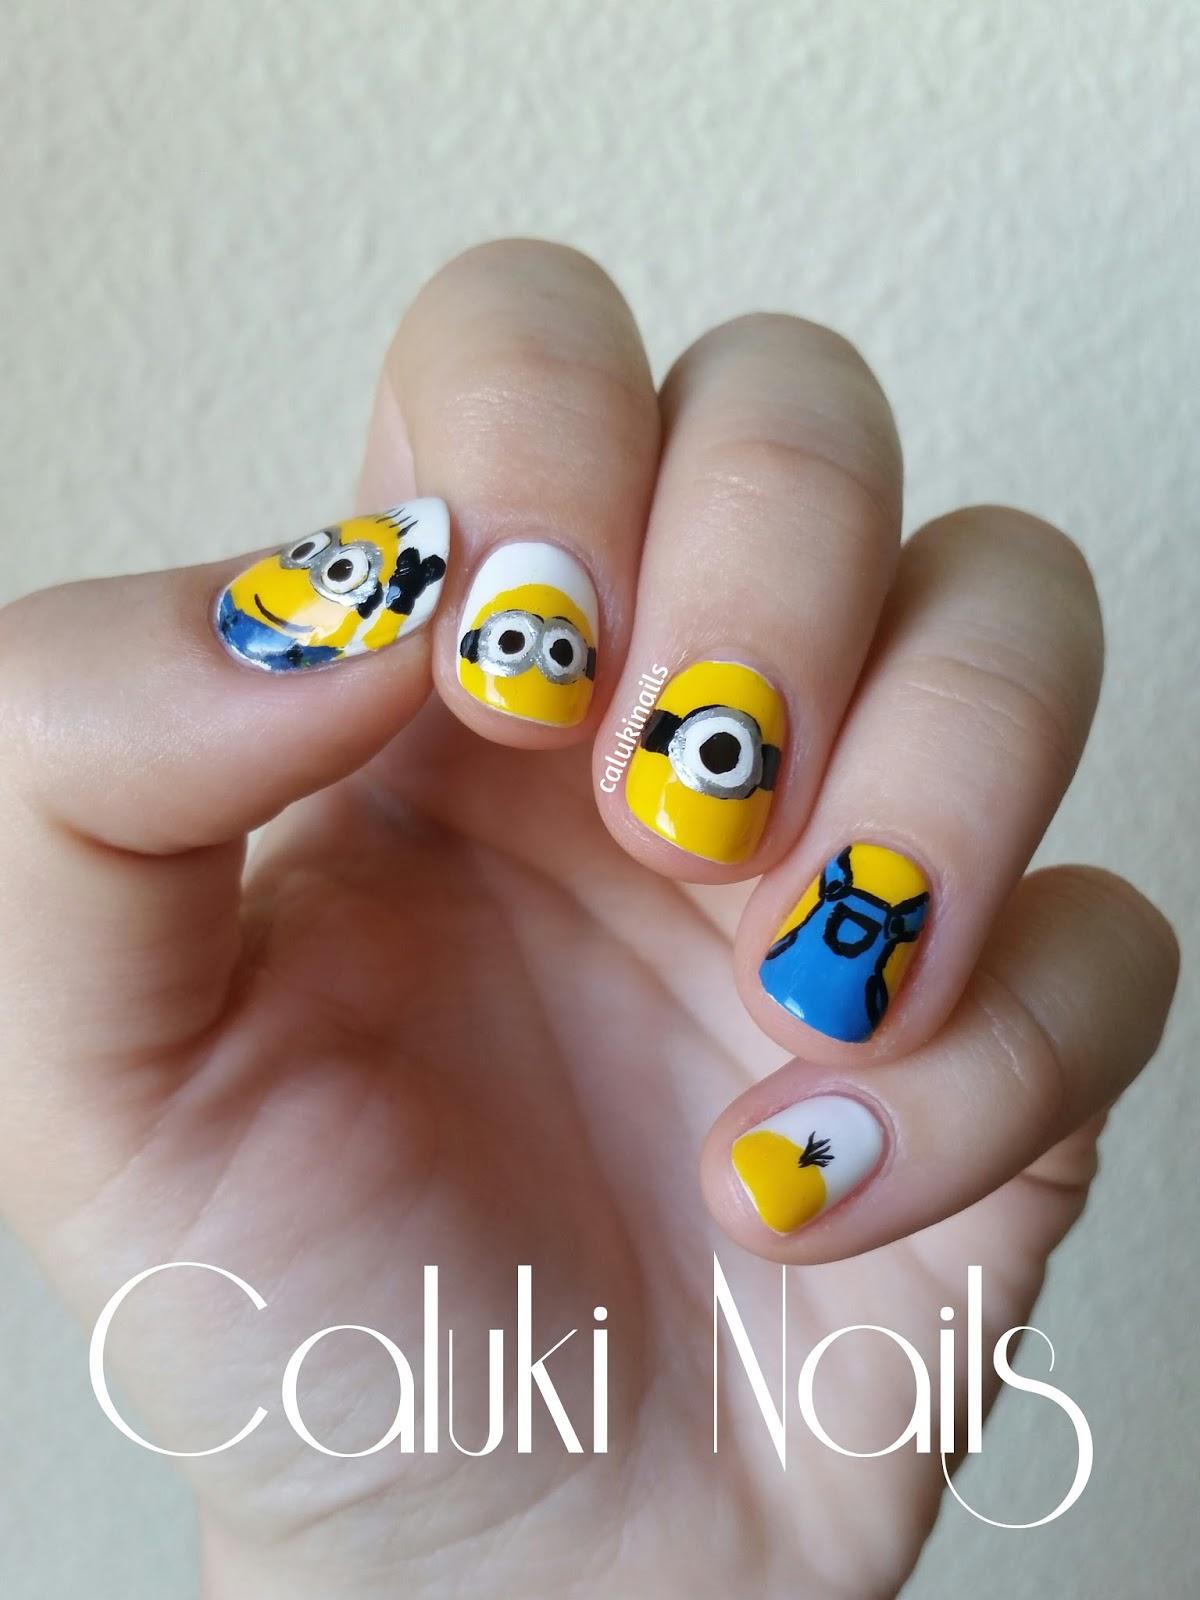 Caluki Nails : Nail art Minions con Manicuras y Belleza